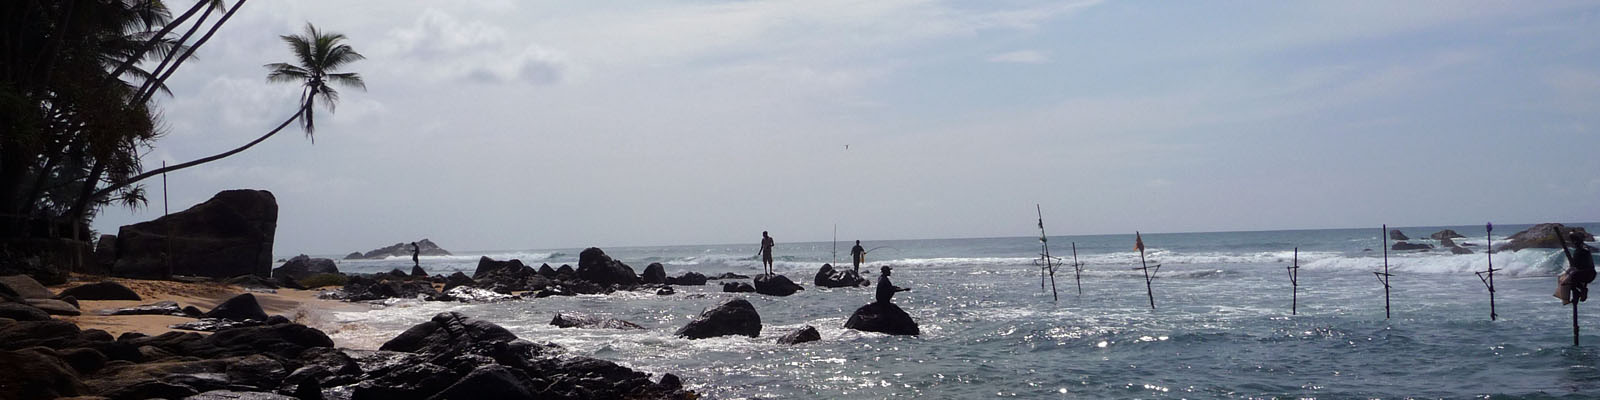 Stelzenfischer am Stand von Hikkaduwa bei einer Sri Lanka Rundreise